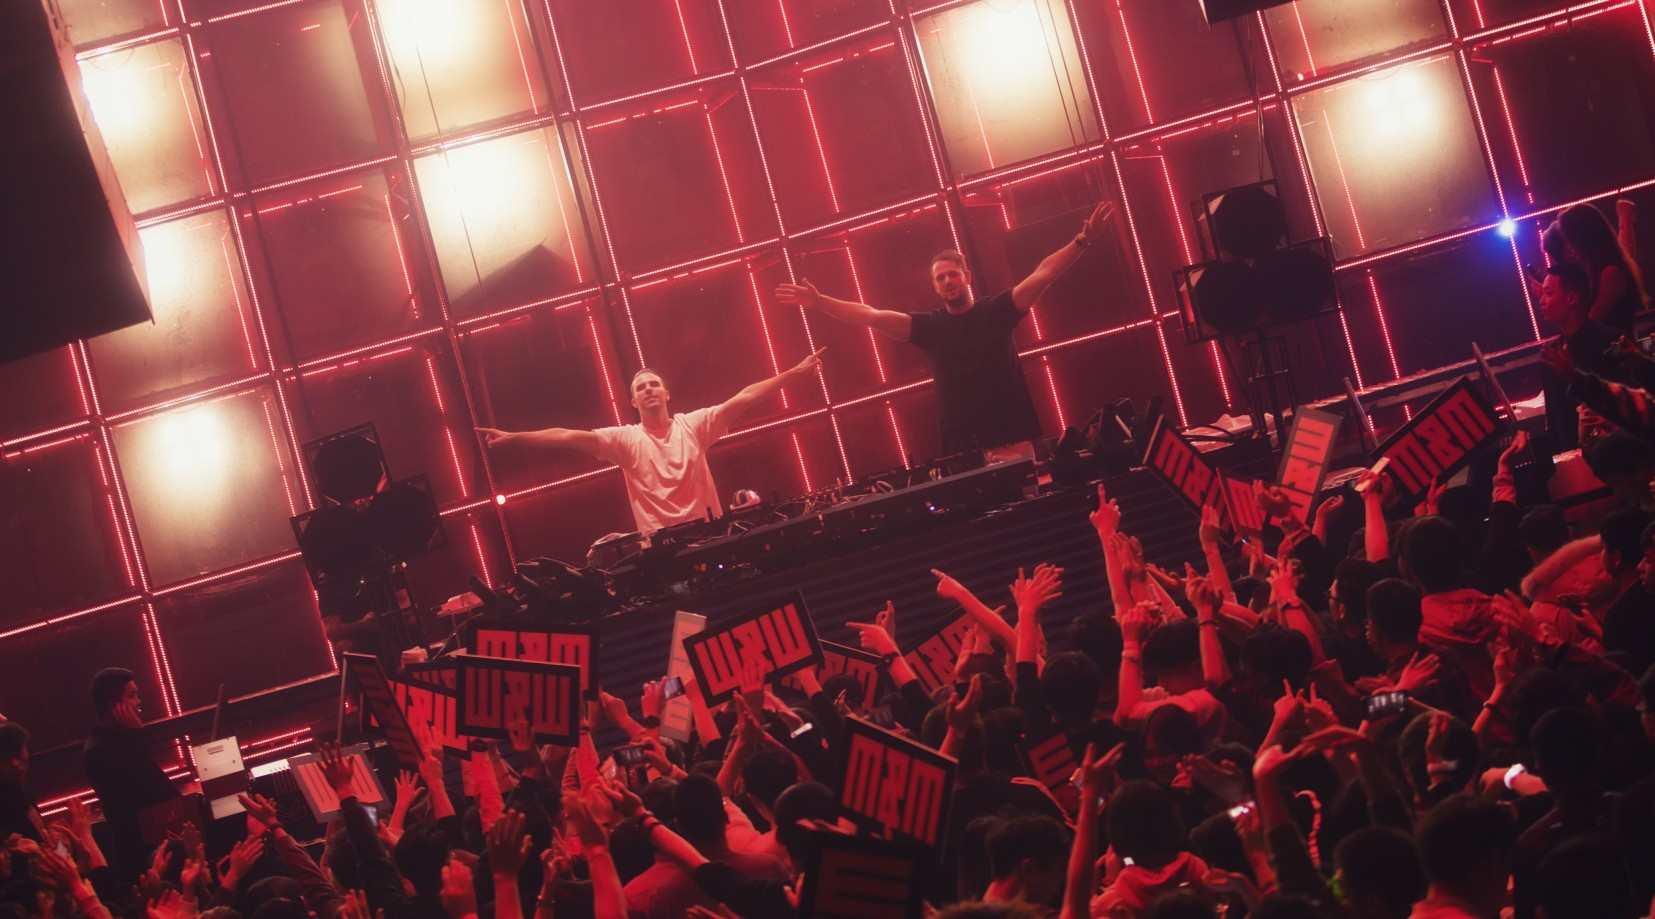 荷兰双王炸 TOP100 DJs #14 DJ W&W @ Dr.Oscar 燃爆电音现场